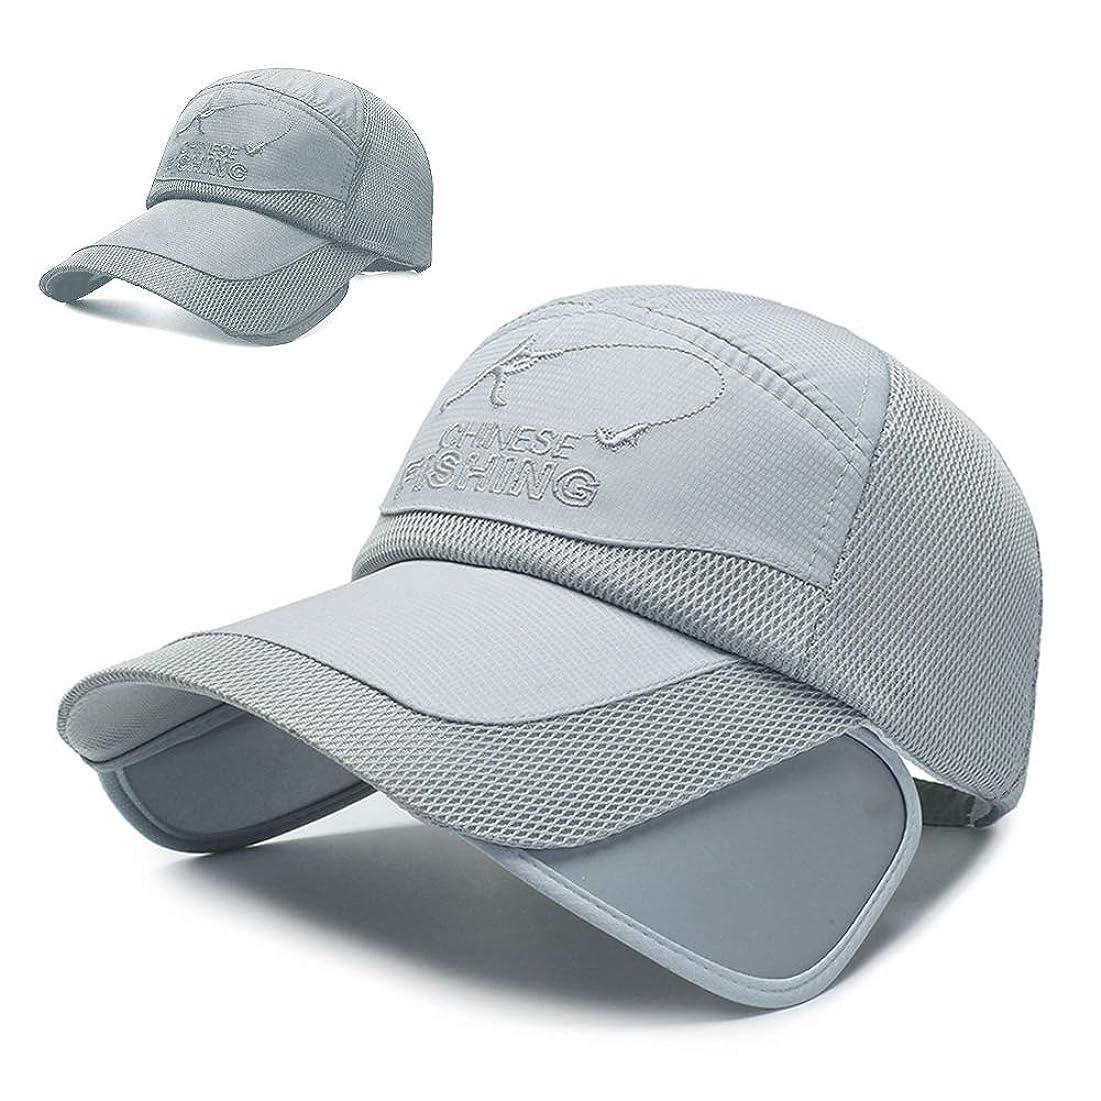 ブランド落ち着いてカテナキャップ 帽子 夏 秋 メッシュ 日除け UVカット 通気 無地 アウトドア 登山 釣り 紫外線対策 男女兼用 日よけフィルム付き